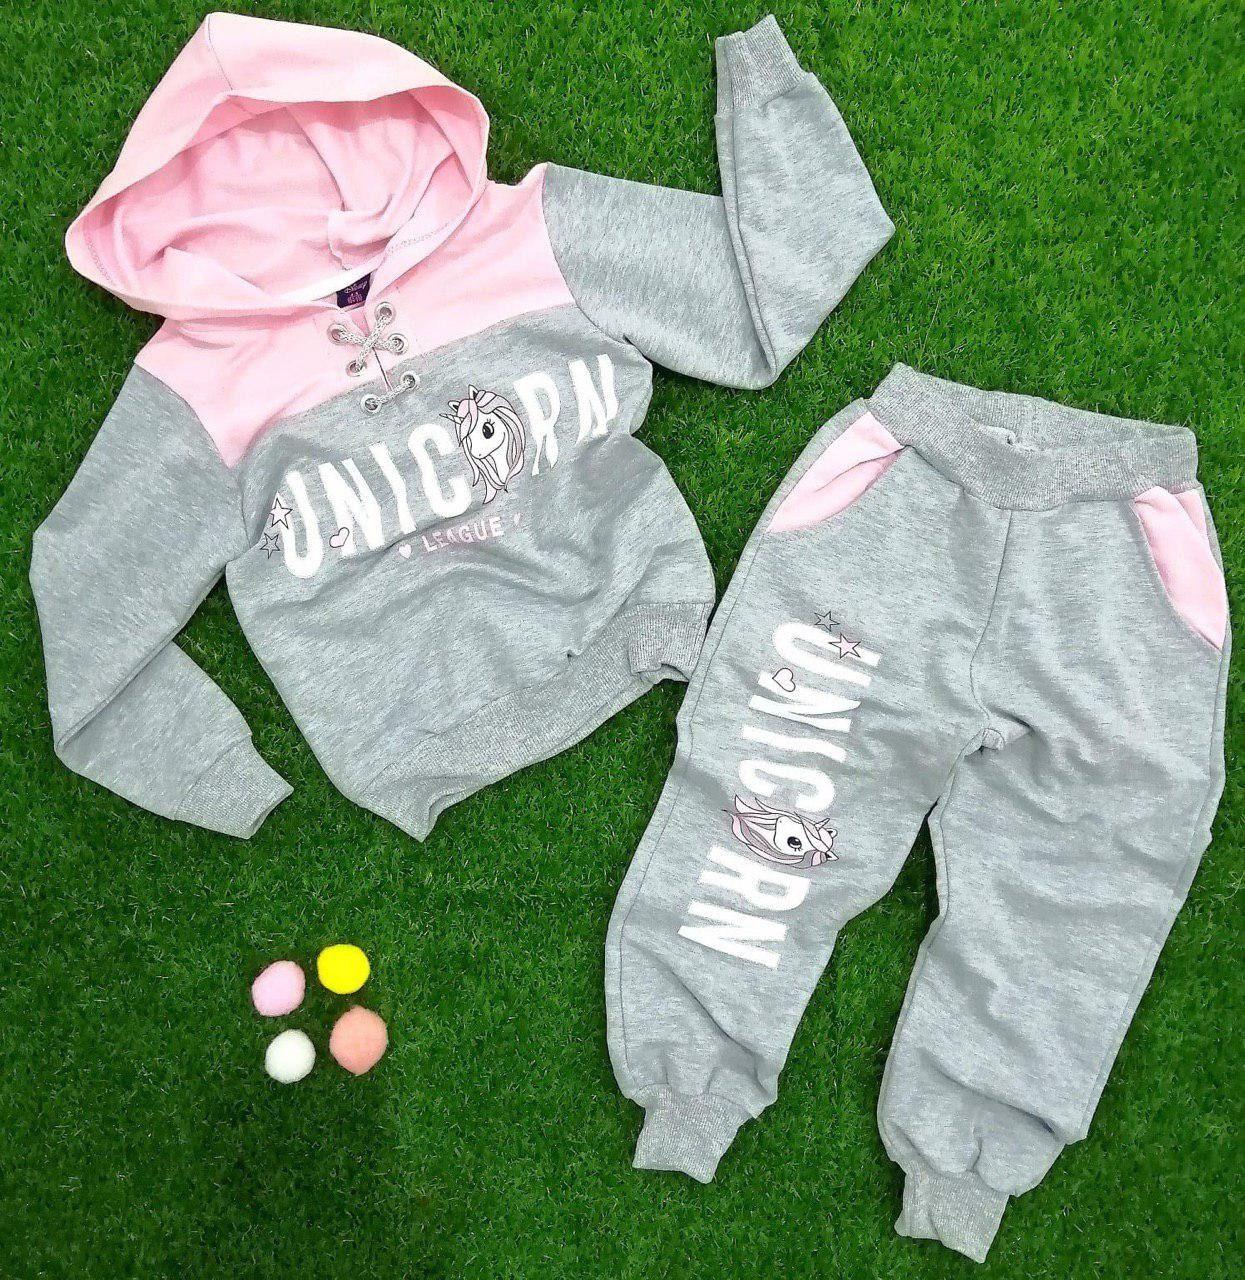 نقدم لكم ارواع تطبيق لبيع الملابس اطفال تسوق ملابس اطفال باسعار رخيصة ملابس اطفال رخيصة للبيع يقدم التطبيق بيع ملابس اطفال ا Kids Outfits Unisex Kids Clothes